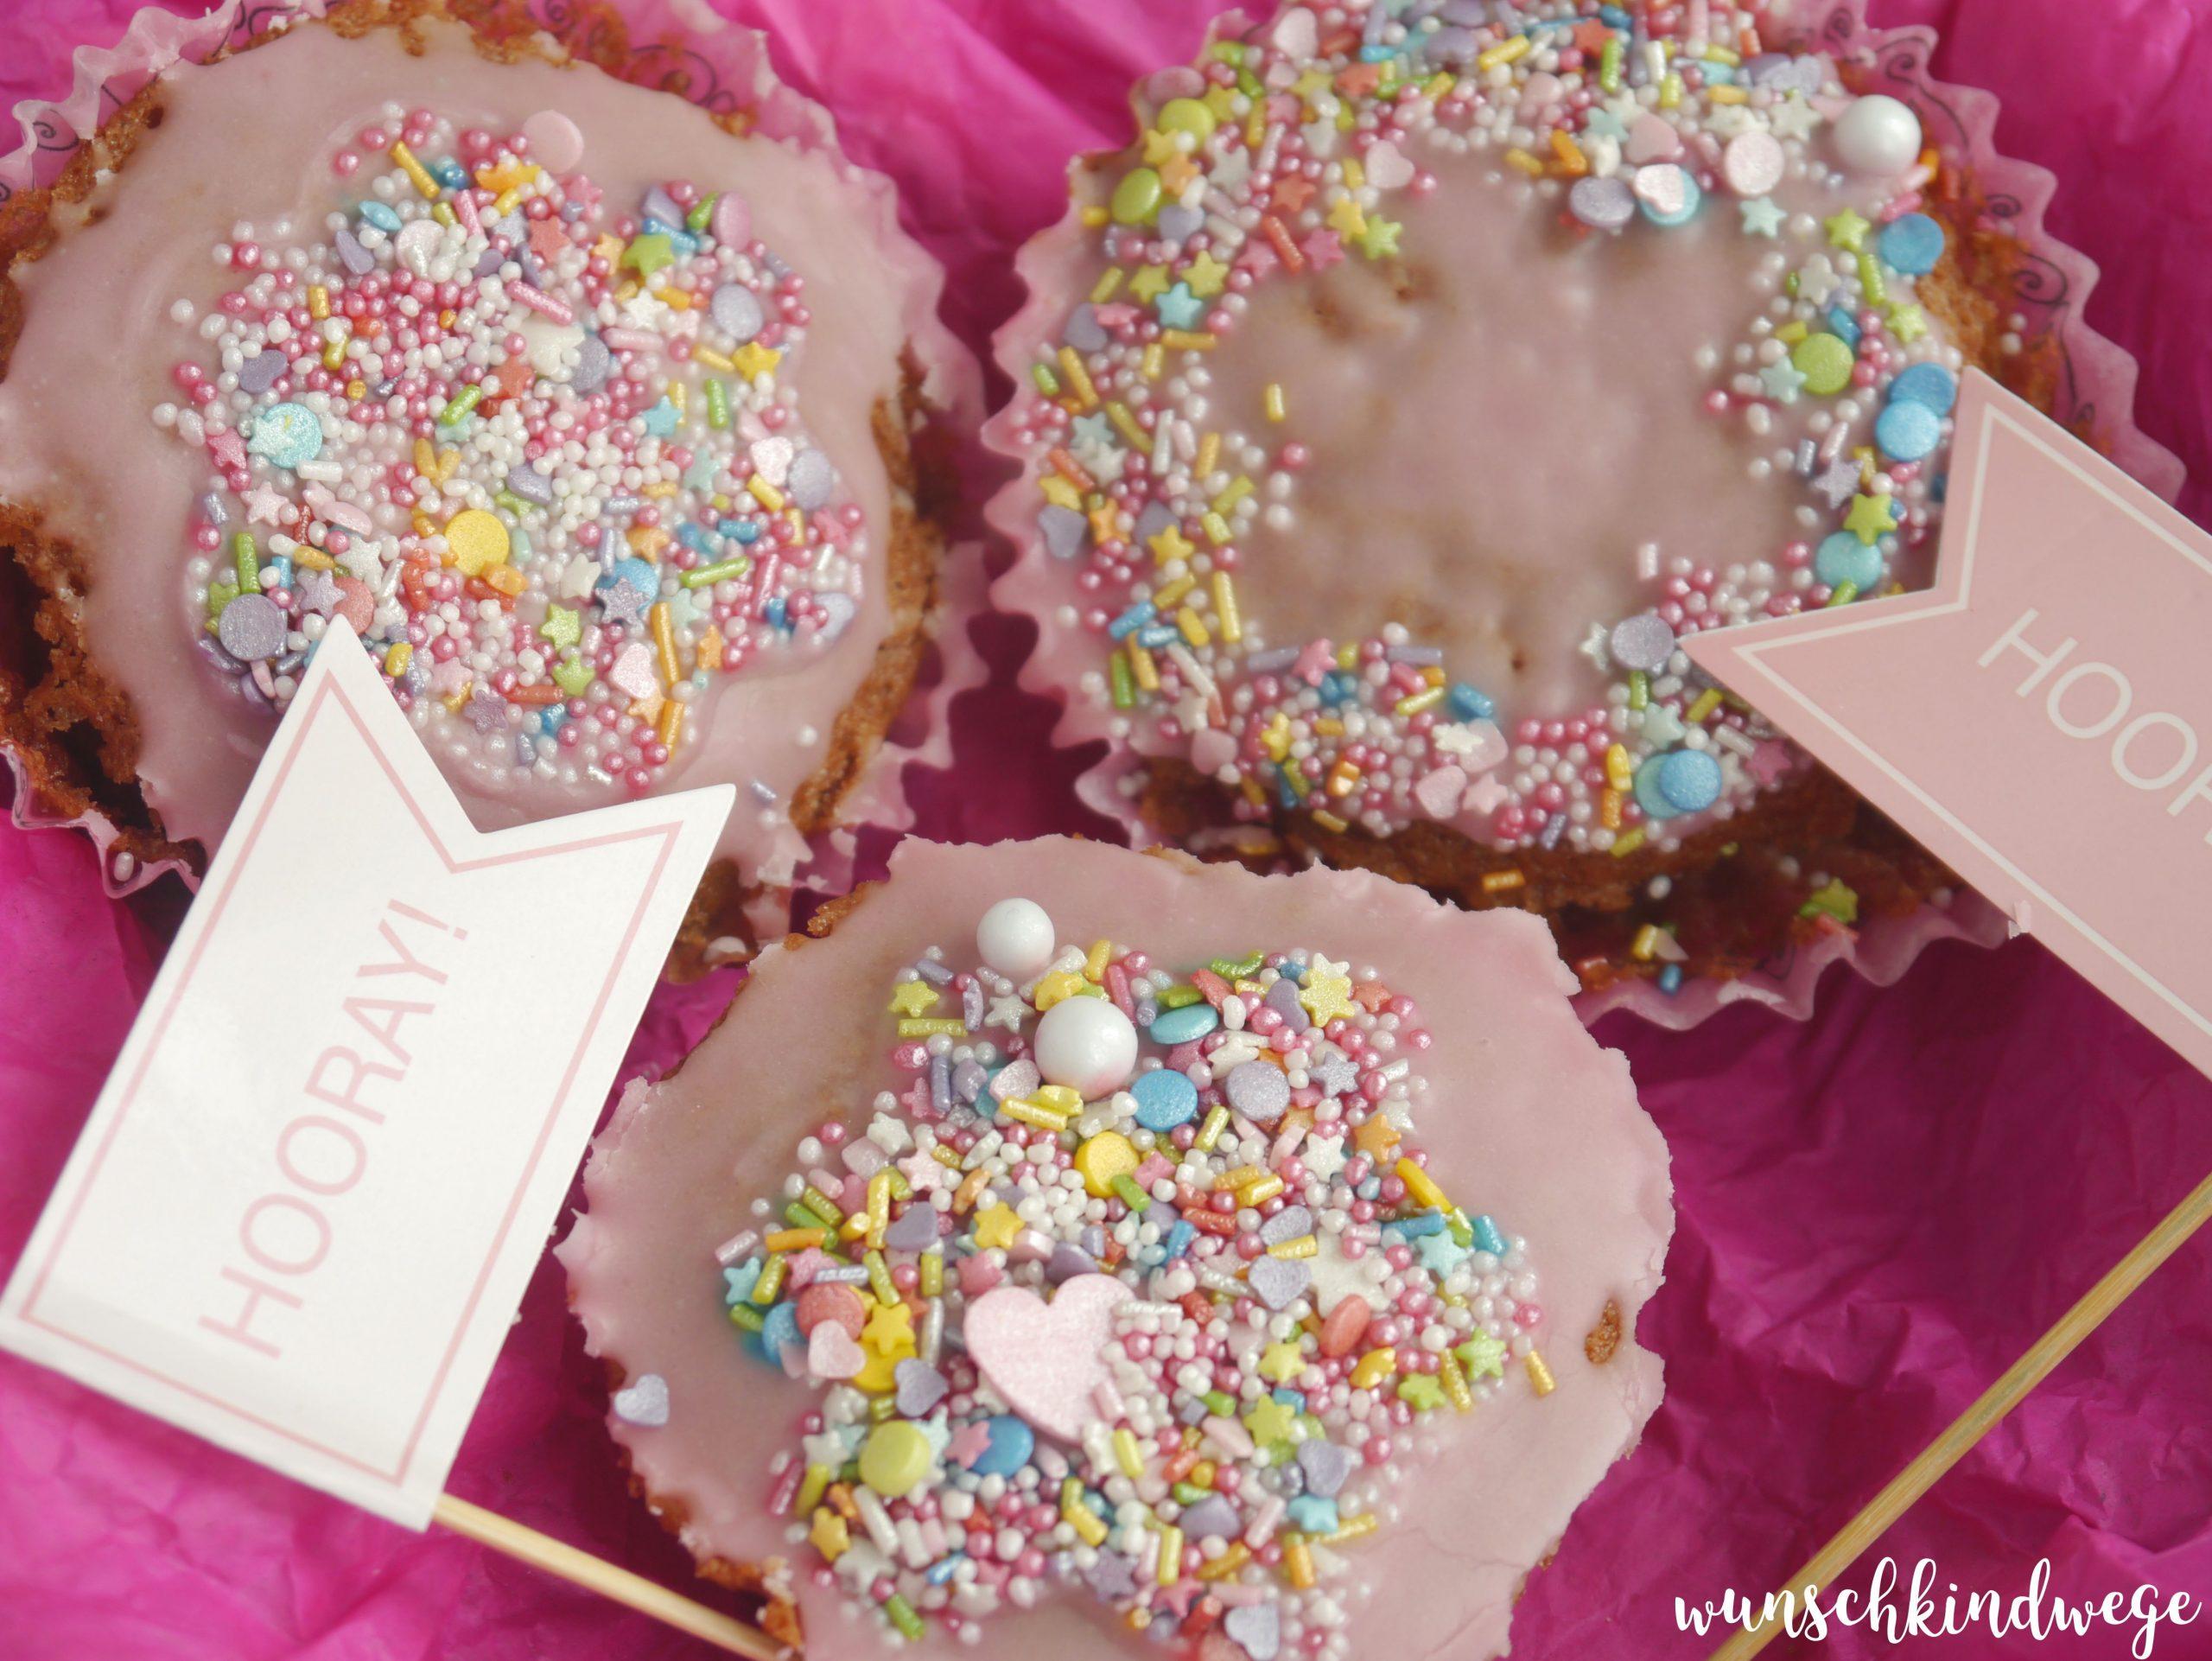 Schoko-Kirsch Muffins bunte Streusel